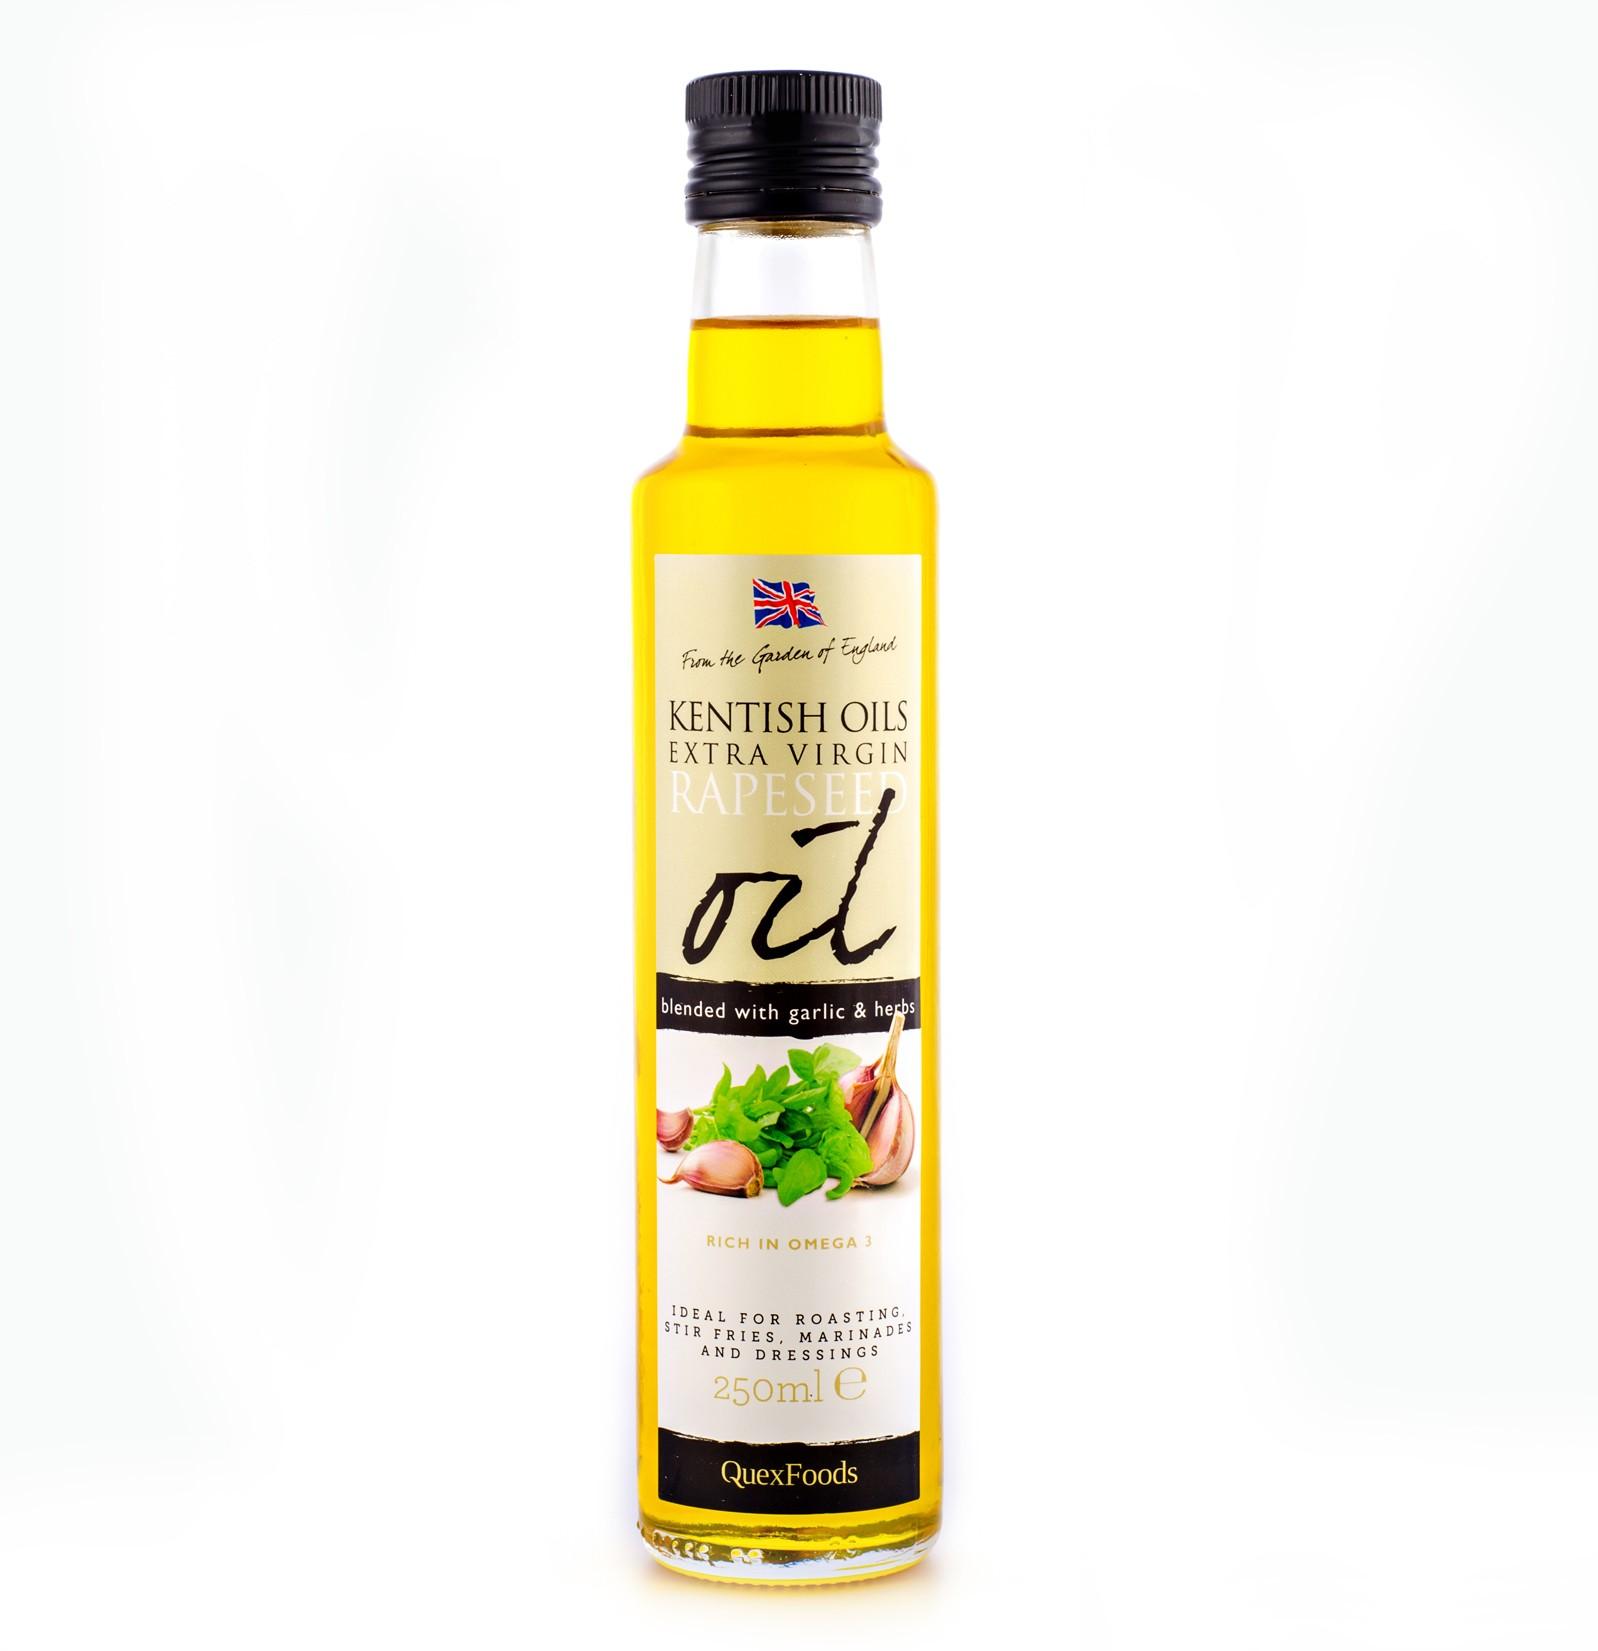 Garlic & Herb Infused Rapeseed Oil